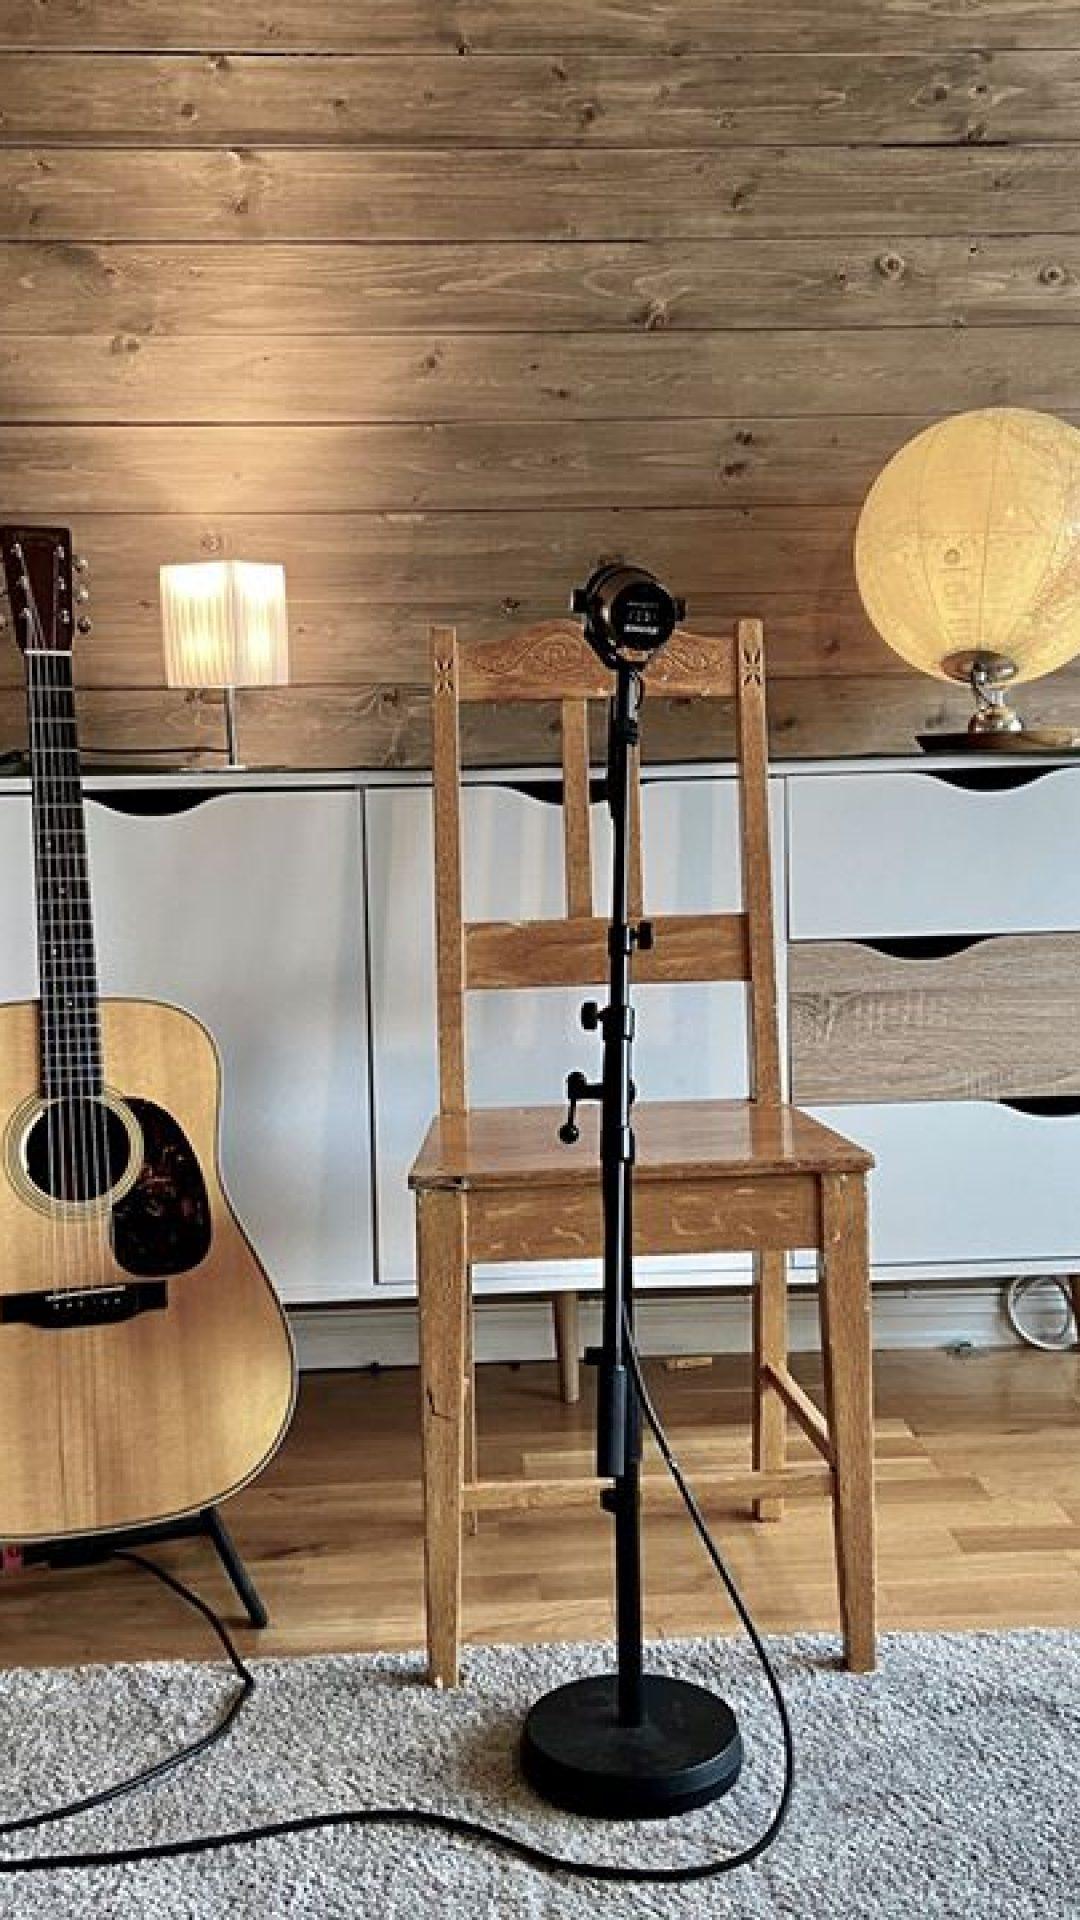 Hjemmescene med stol, gitar og mikrofon